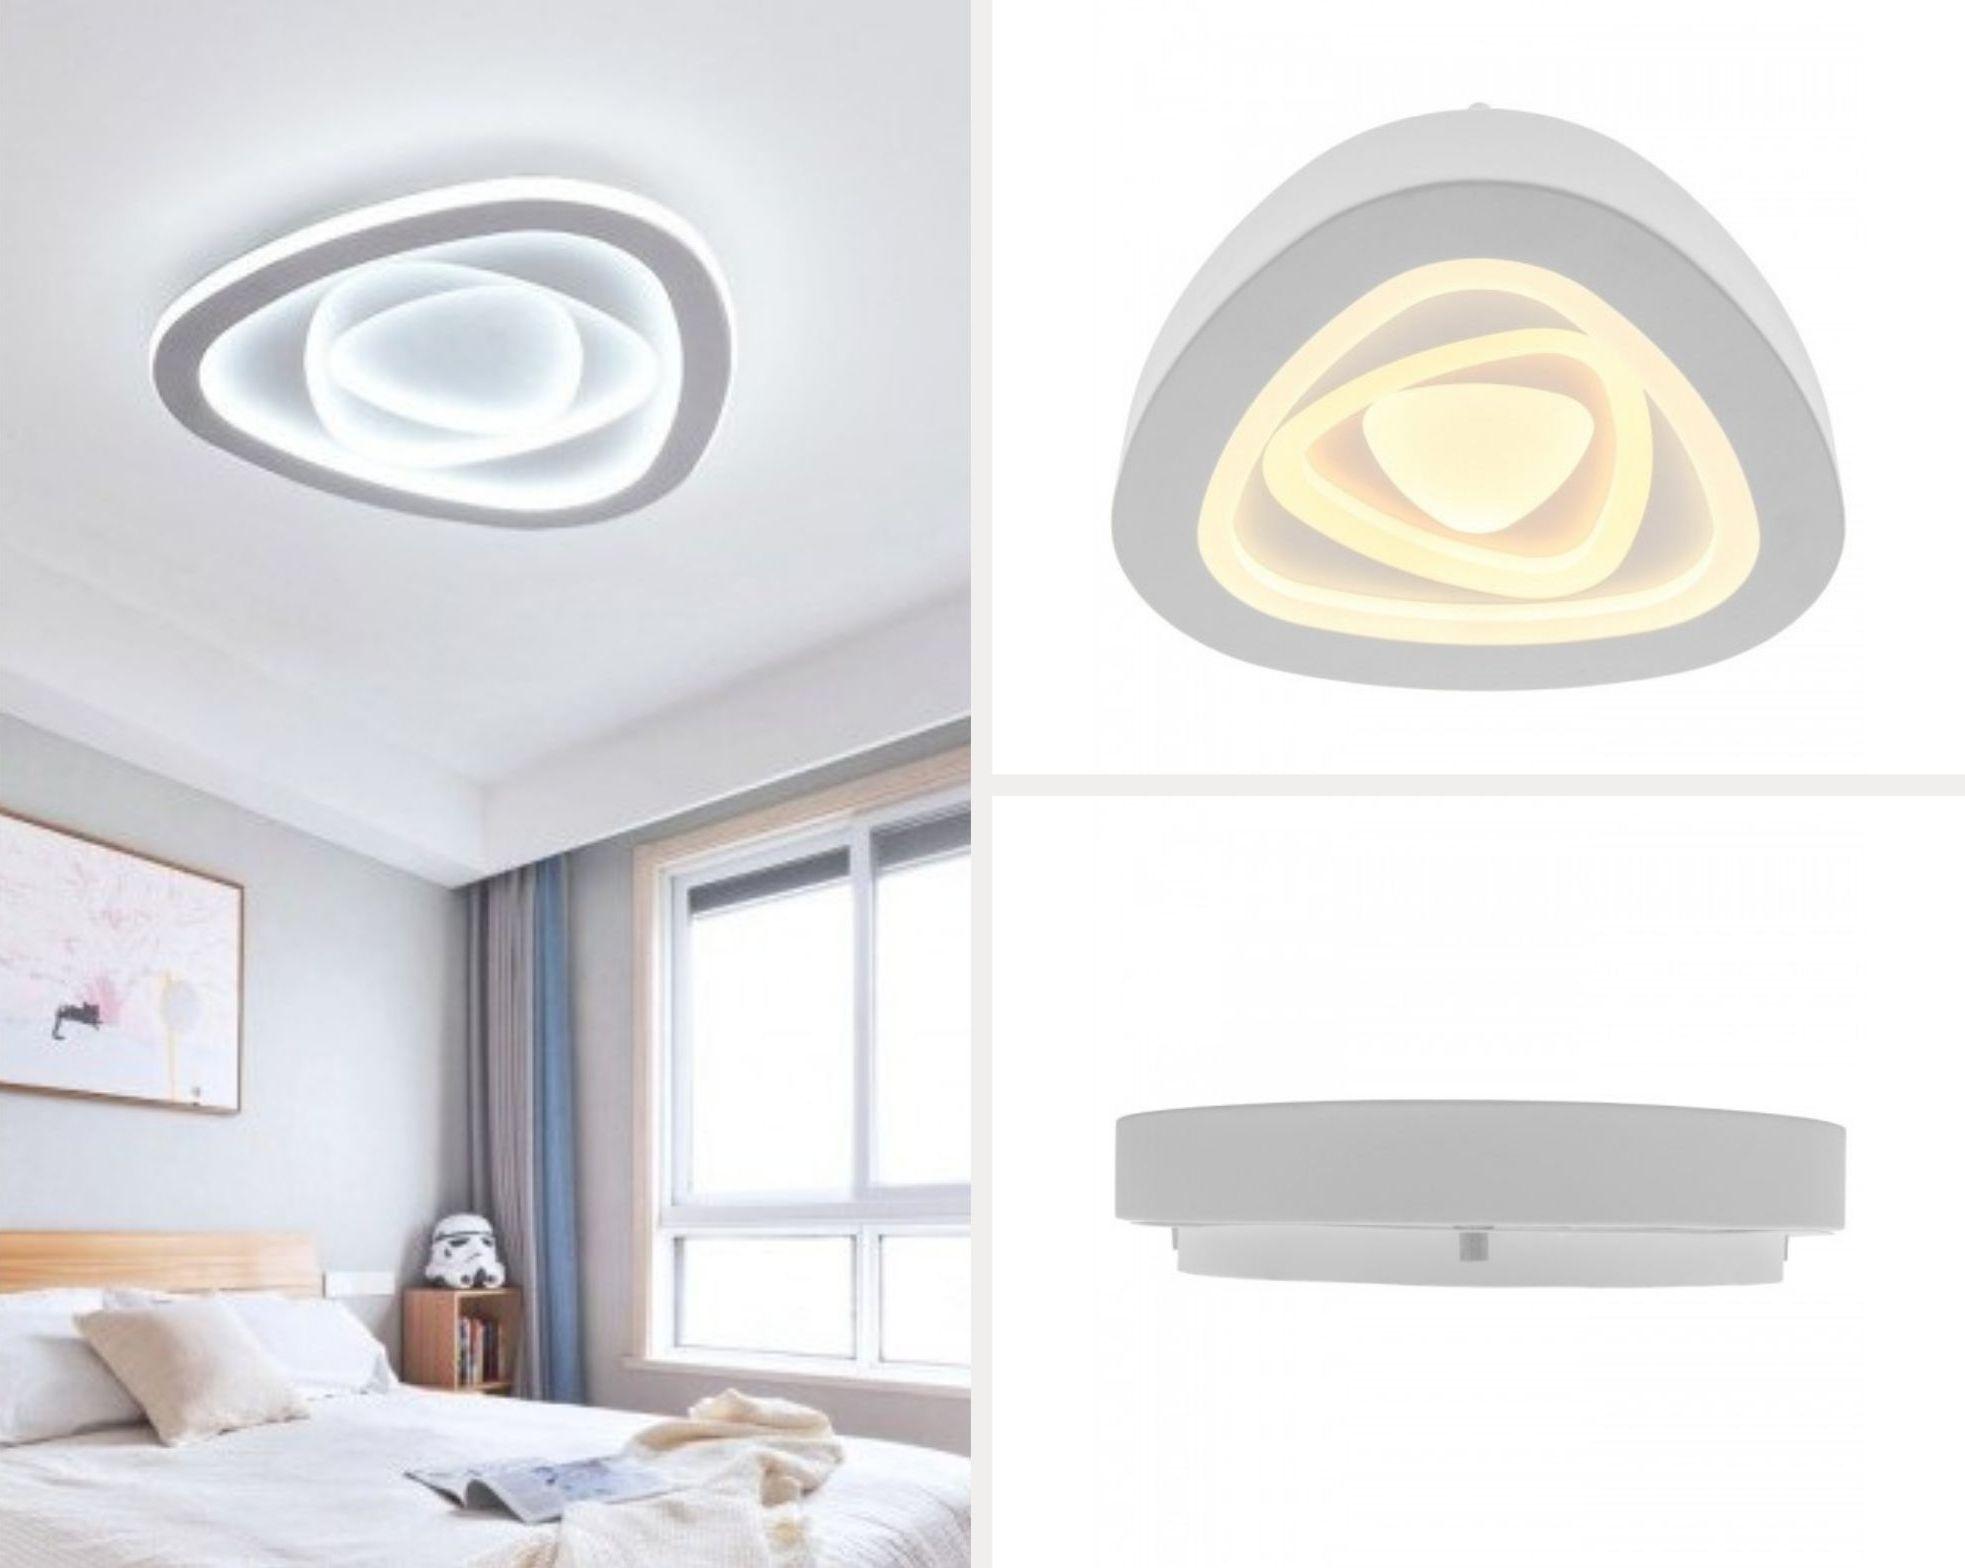 светодиодный светильник на потолок в интерьере, фото